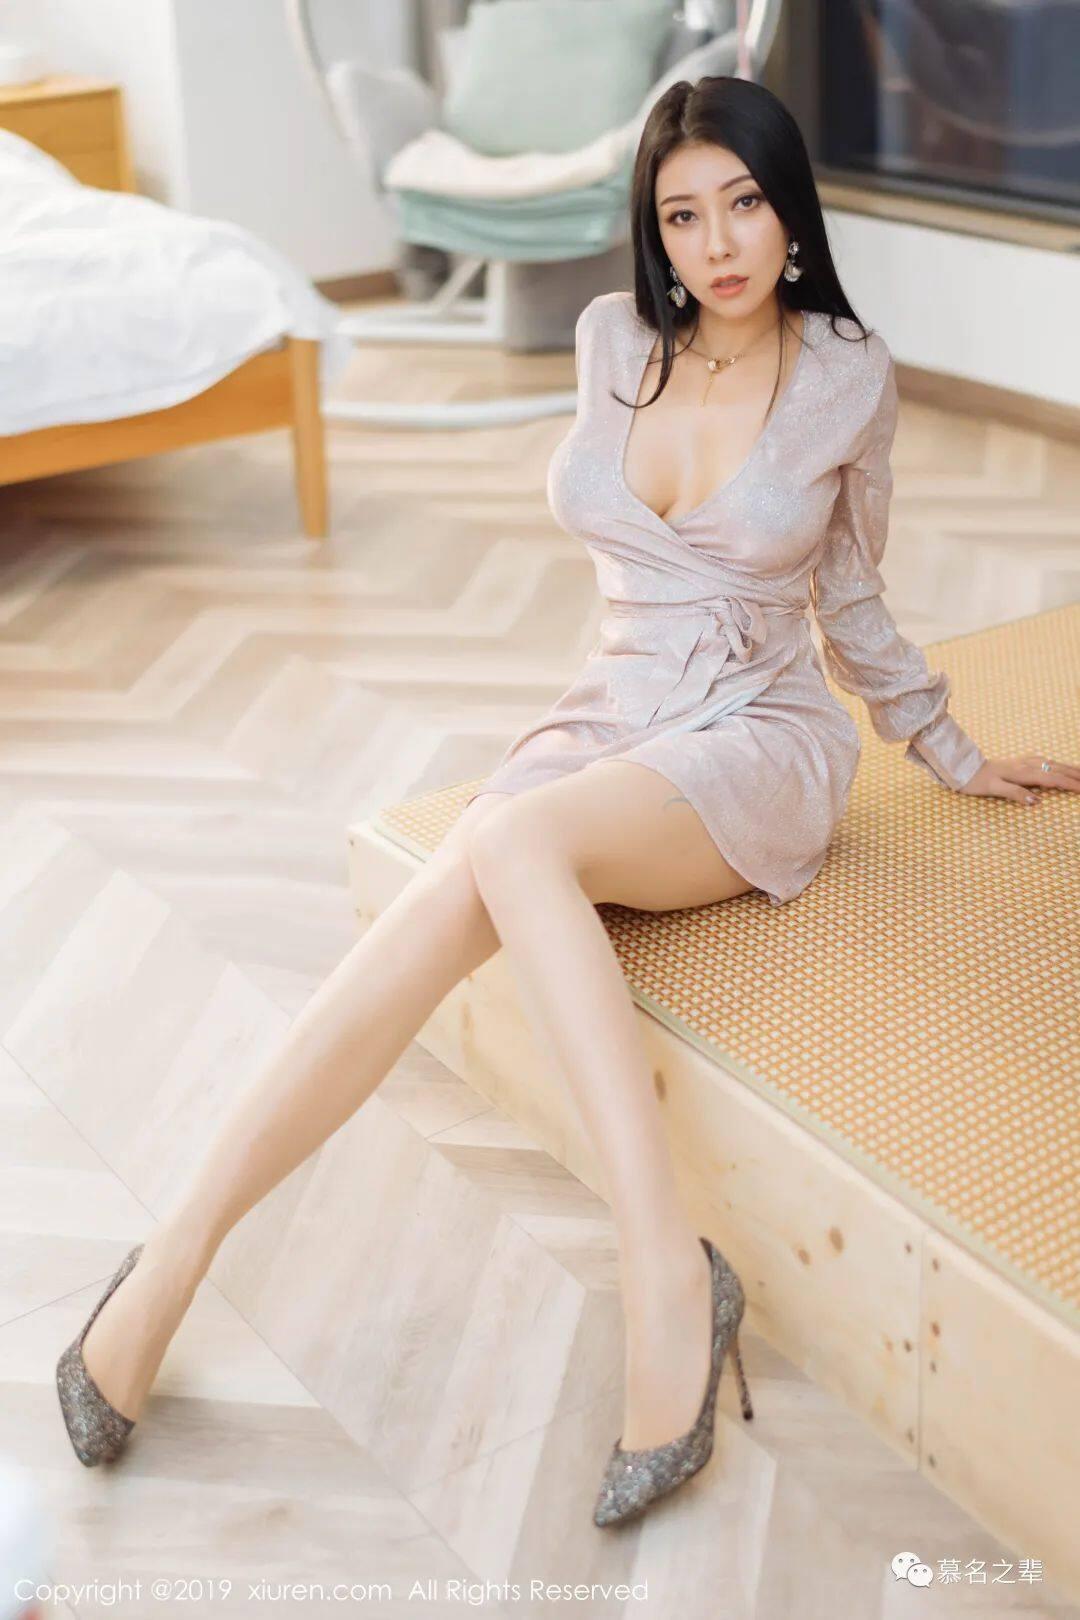 私房模特写真——松果儿Victoria(F罩杯)29